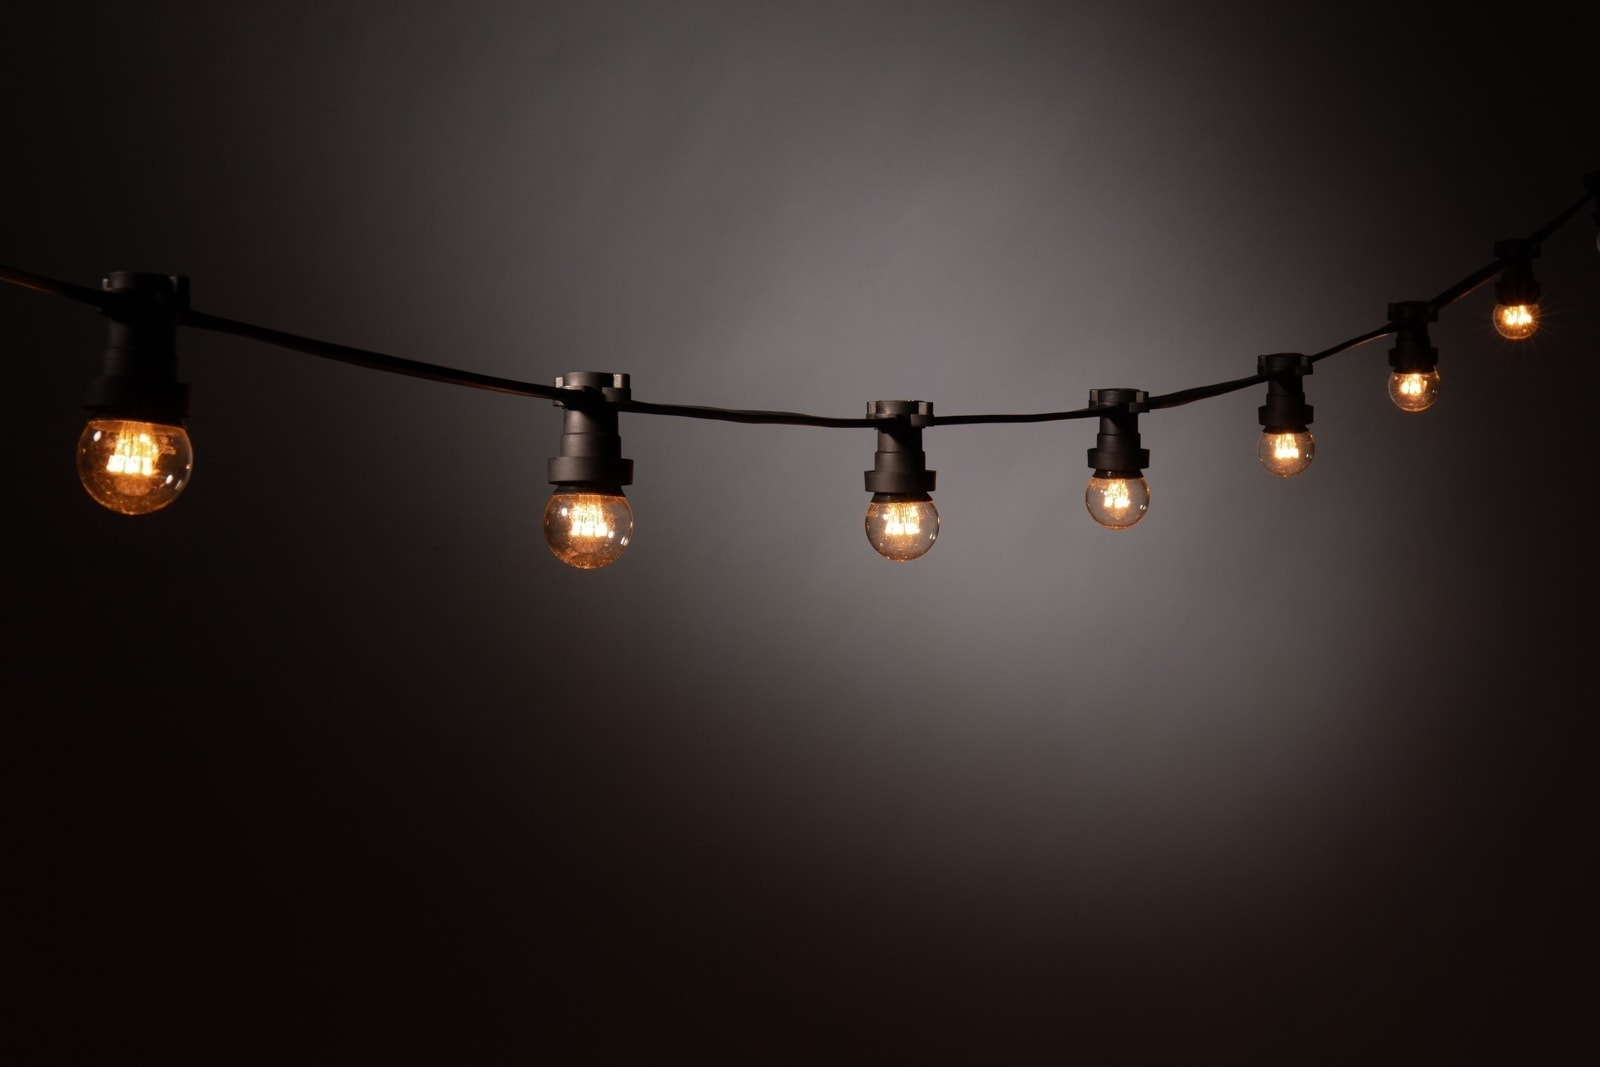 Prikkabel LED lamp • Warm wit • Heldere bol » Kerstverlichting Buiten